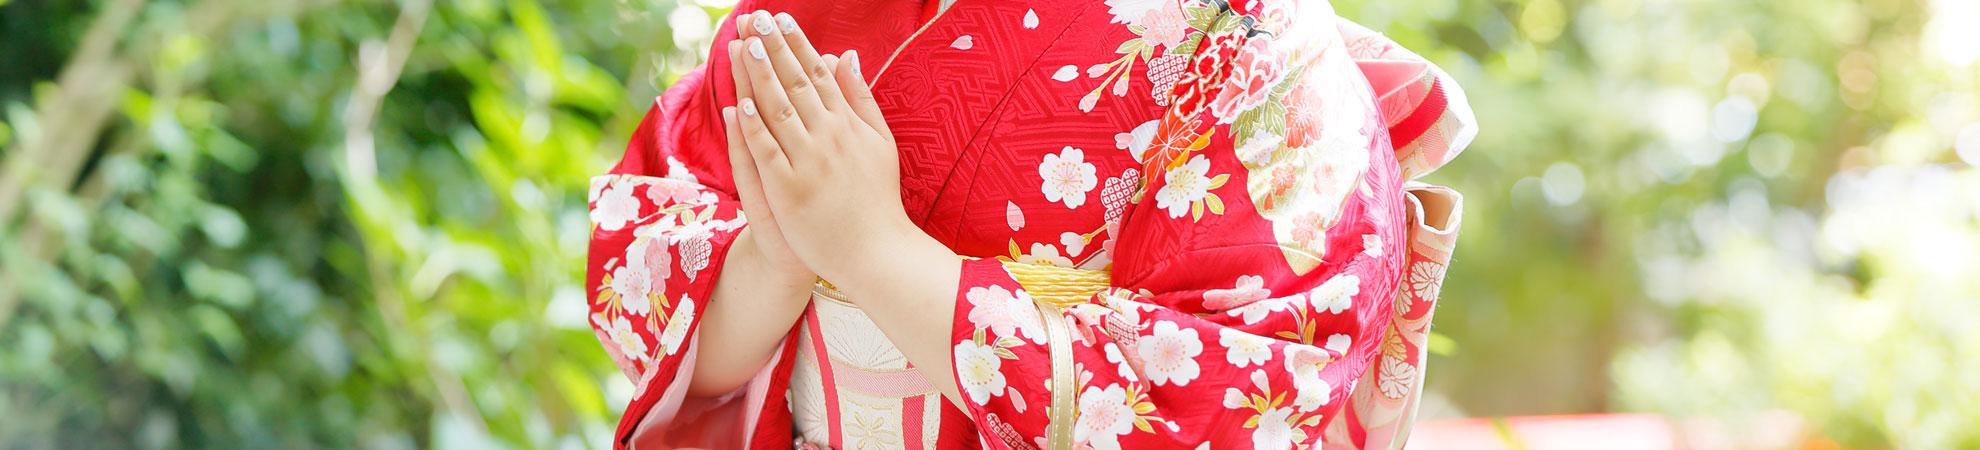 Tradition et artisanat au Japon